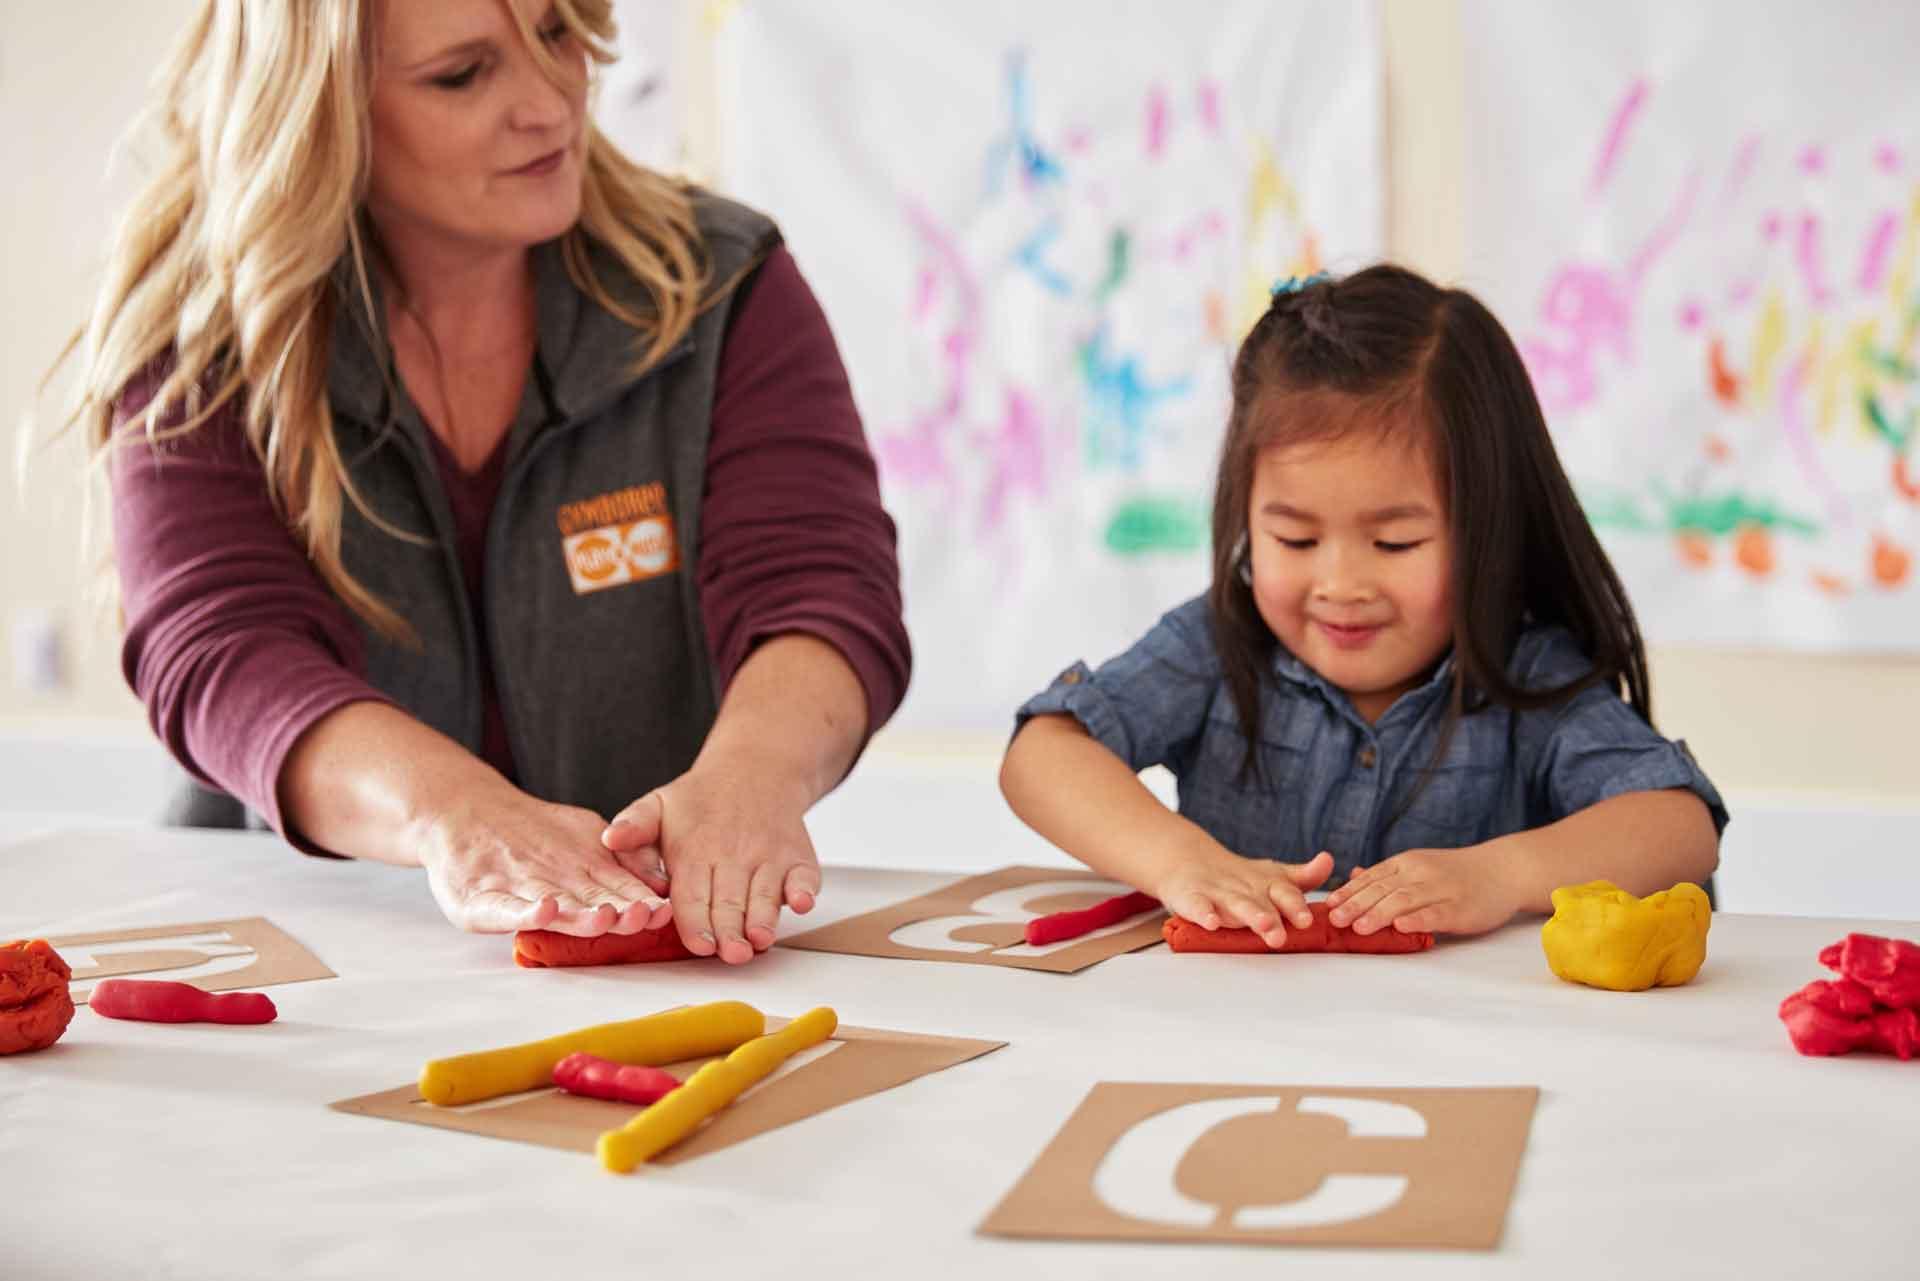 Competências-chave para o sucesso escolar da criança